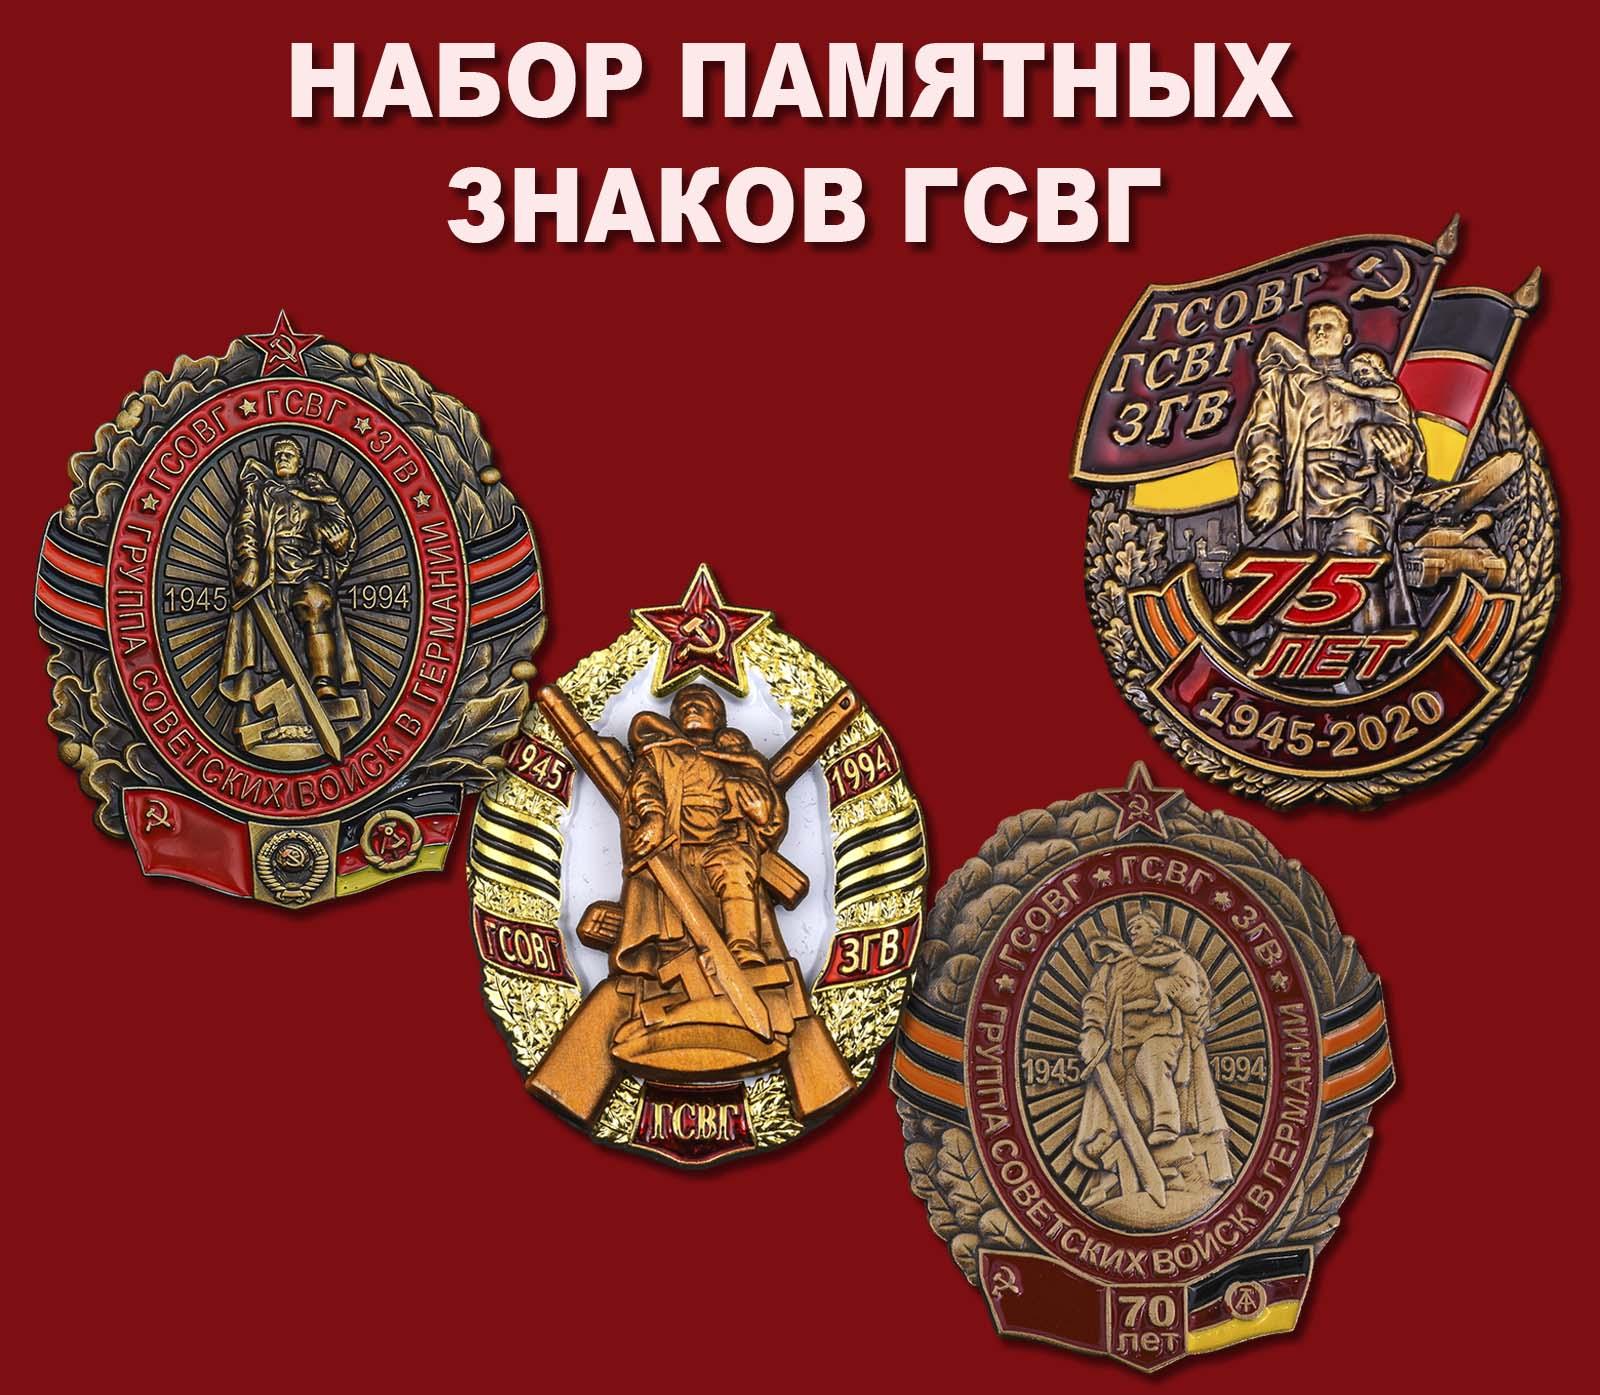 Набор памятных знаков ГСВГ